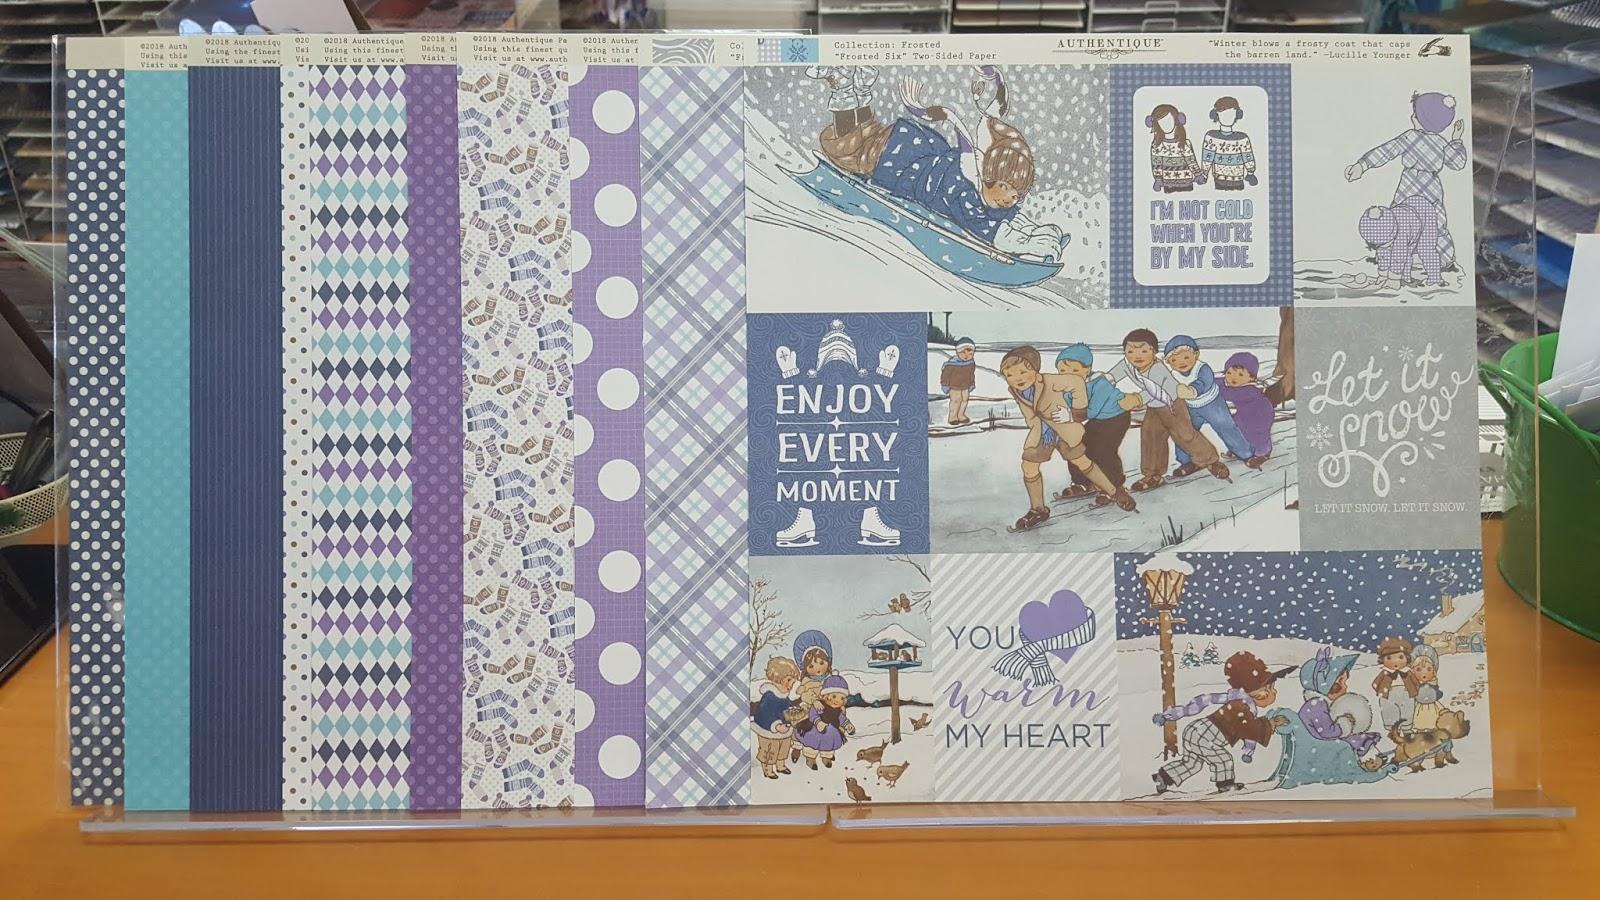 Usi Calendar.Photo Scraps New Authentique November Calendar More